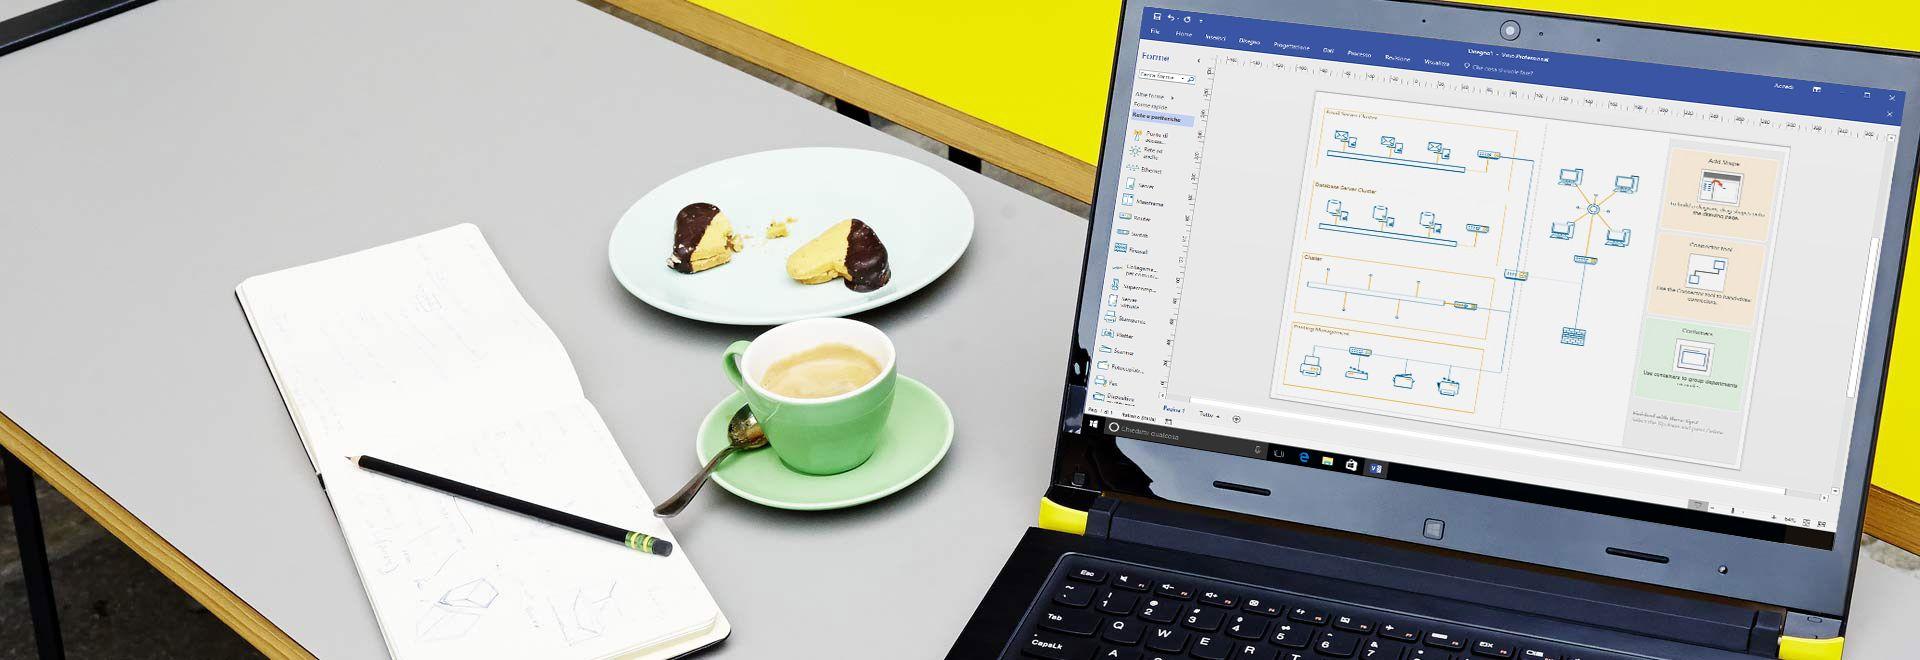 Primo piano di un laptop su un tavolo, che visualizza un diagramma di Visio con la barra multifunzione di modifica e un riquadro